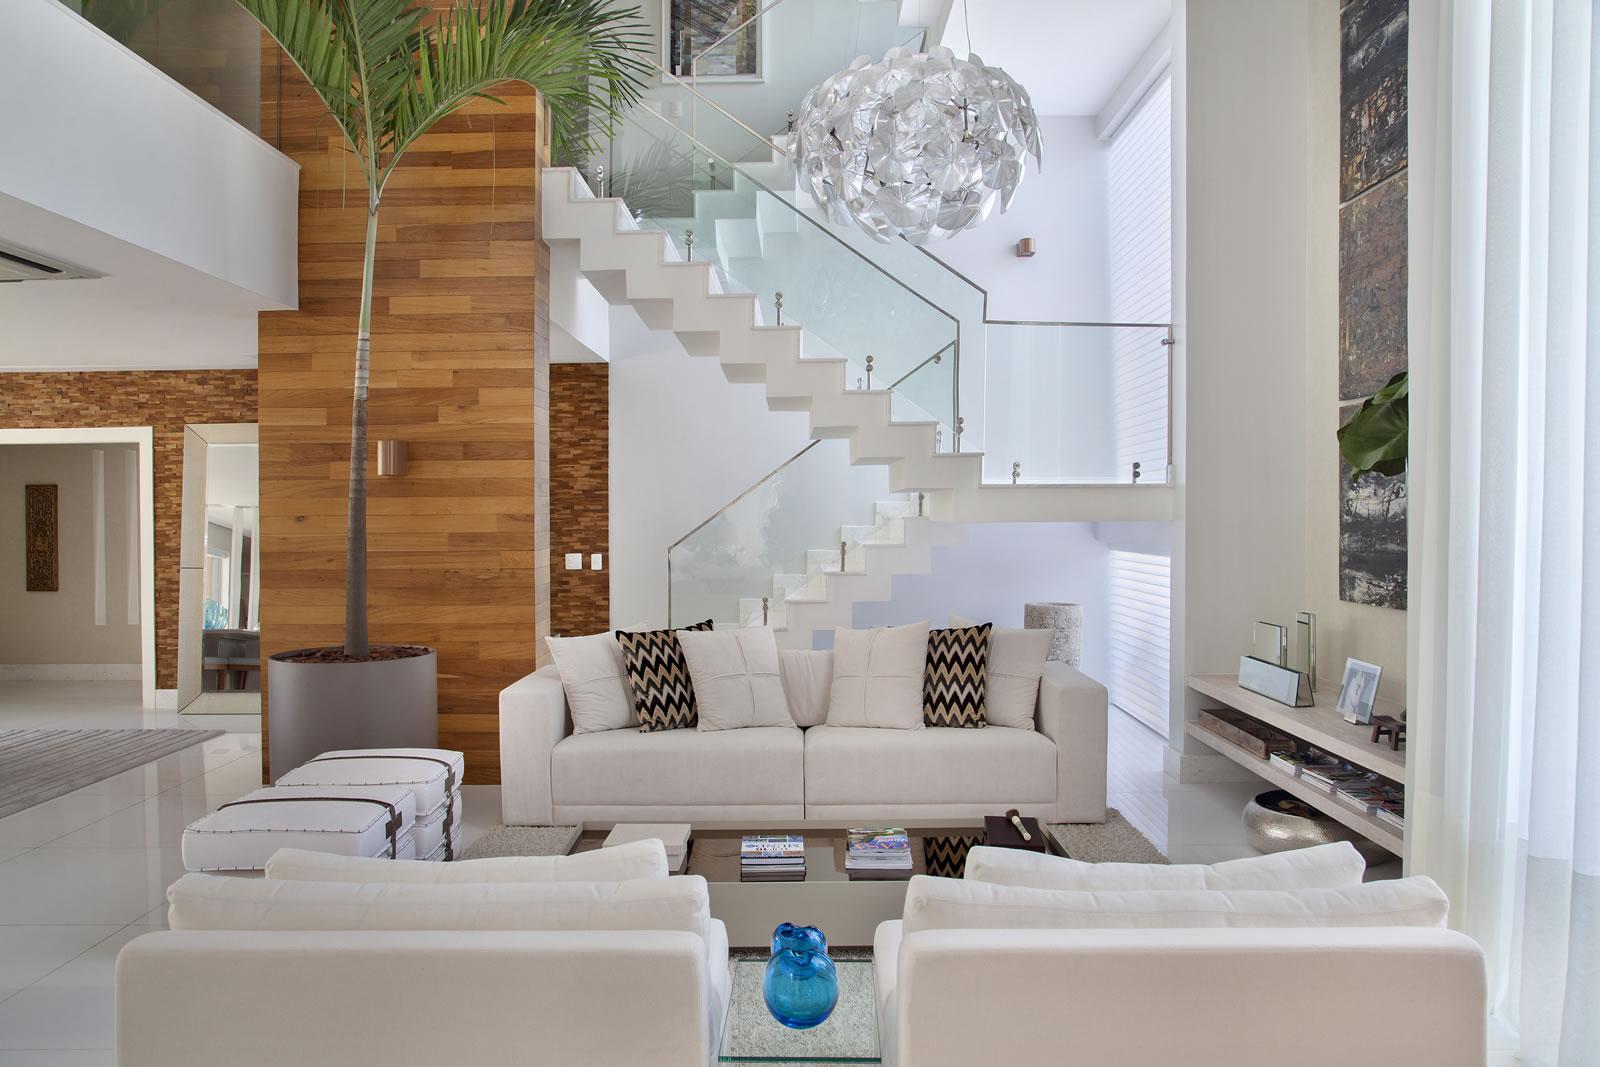 casa-moderna-fachada-decoração-modelos-decor-salteado-33